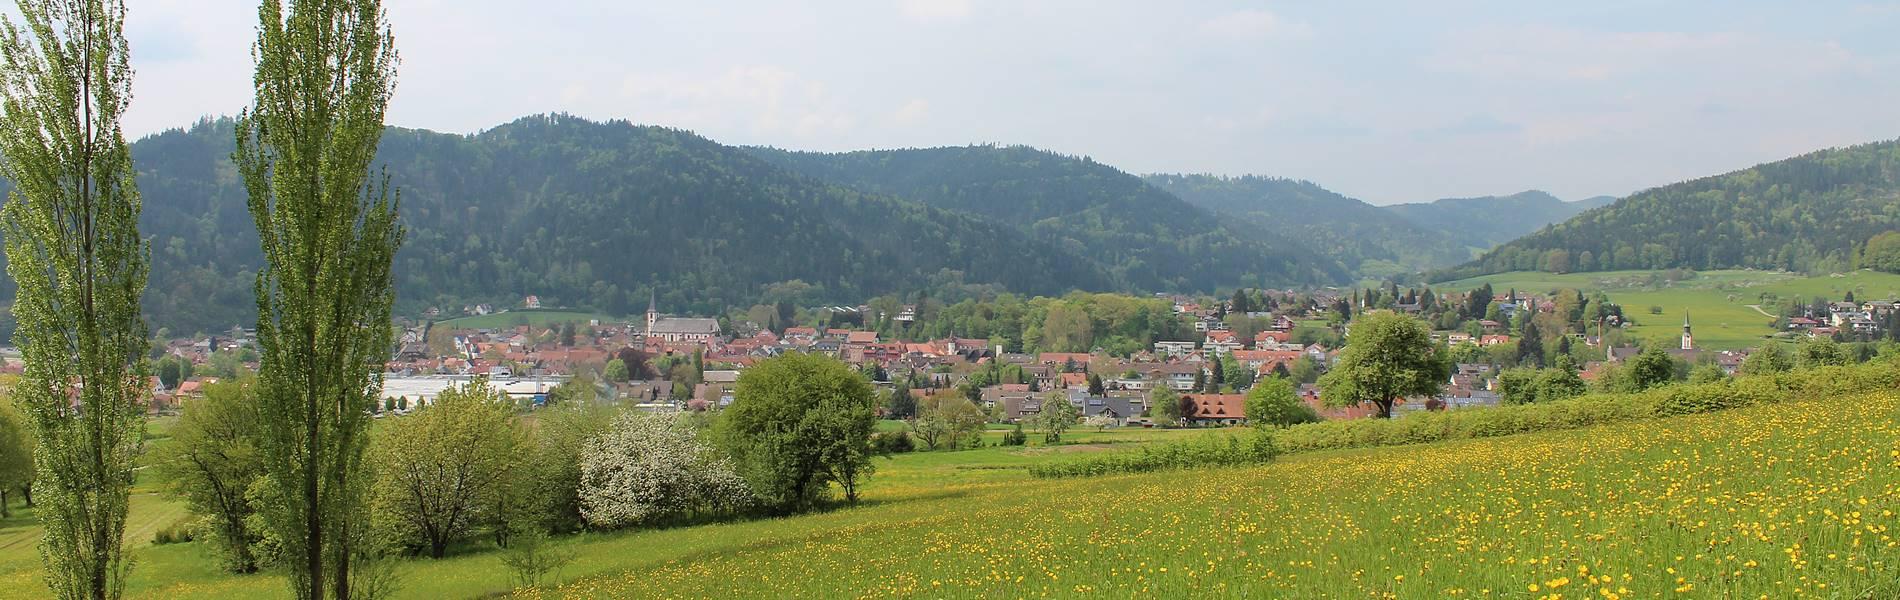 zell-am-harmersbach